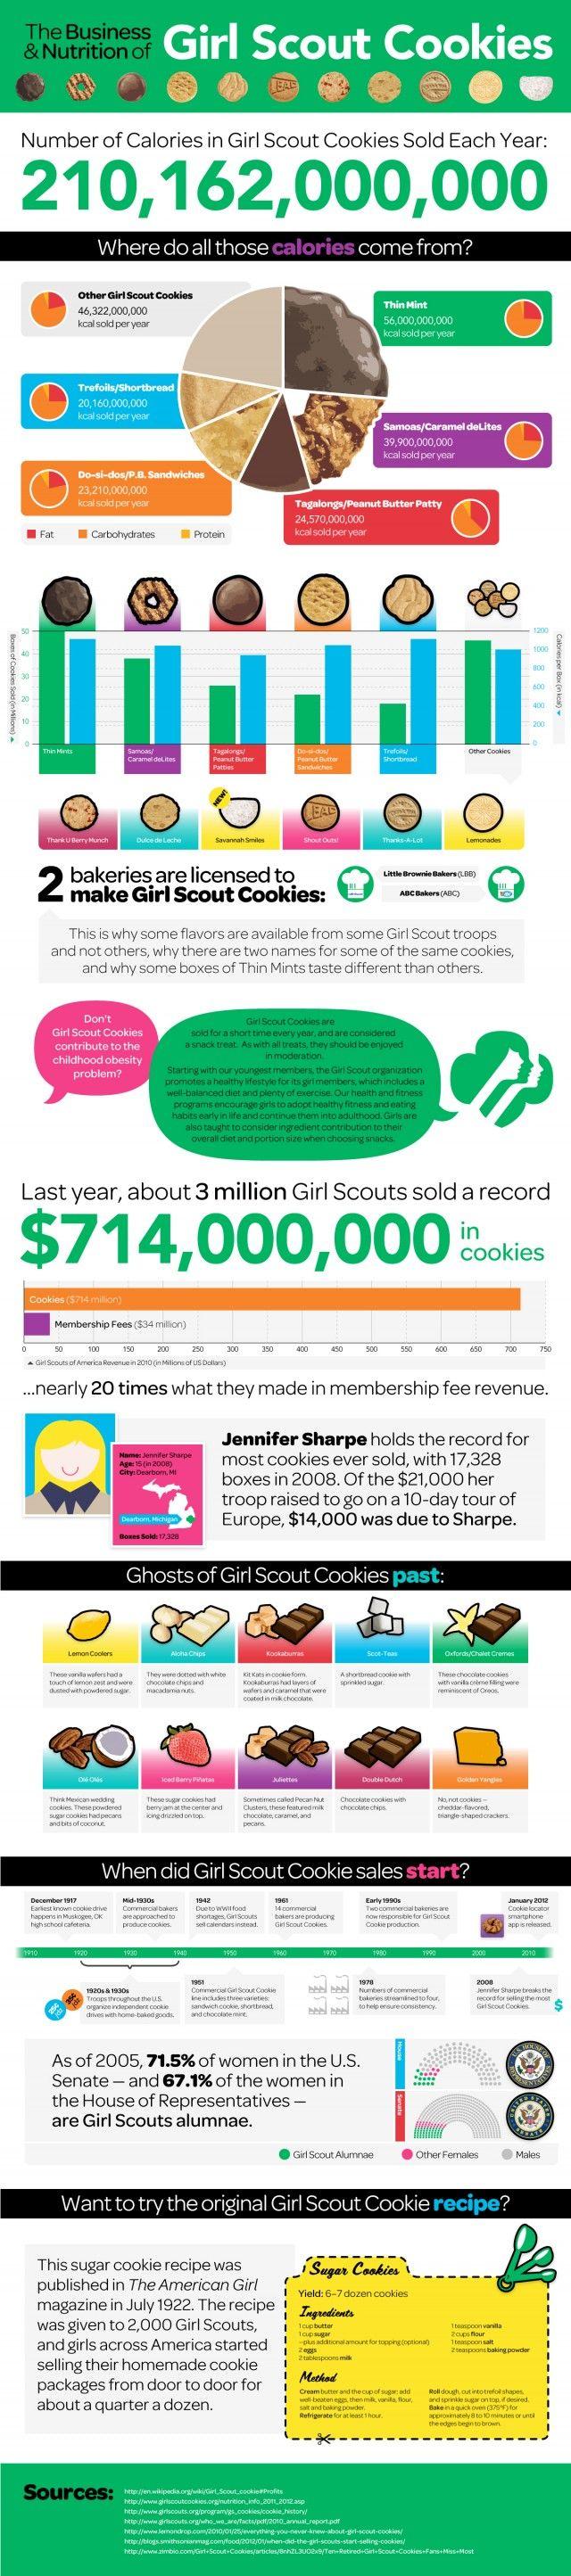 El Negocio y la Nutrición de las Niñas Exploradoras | The Bussines & Nutrition of Girl Scout Cookies